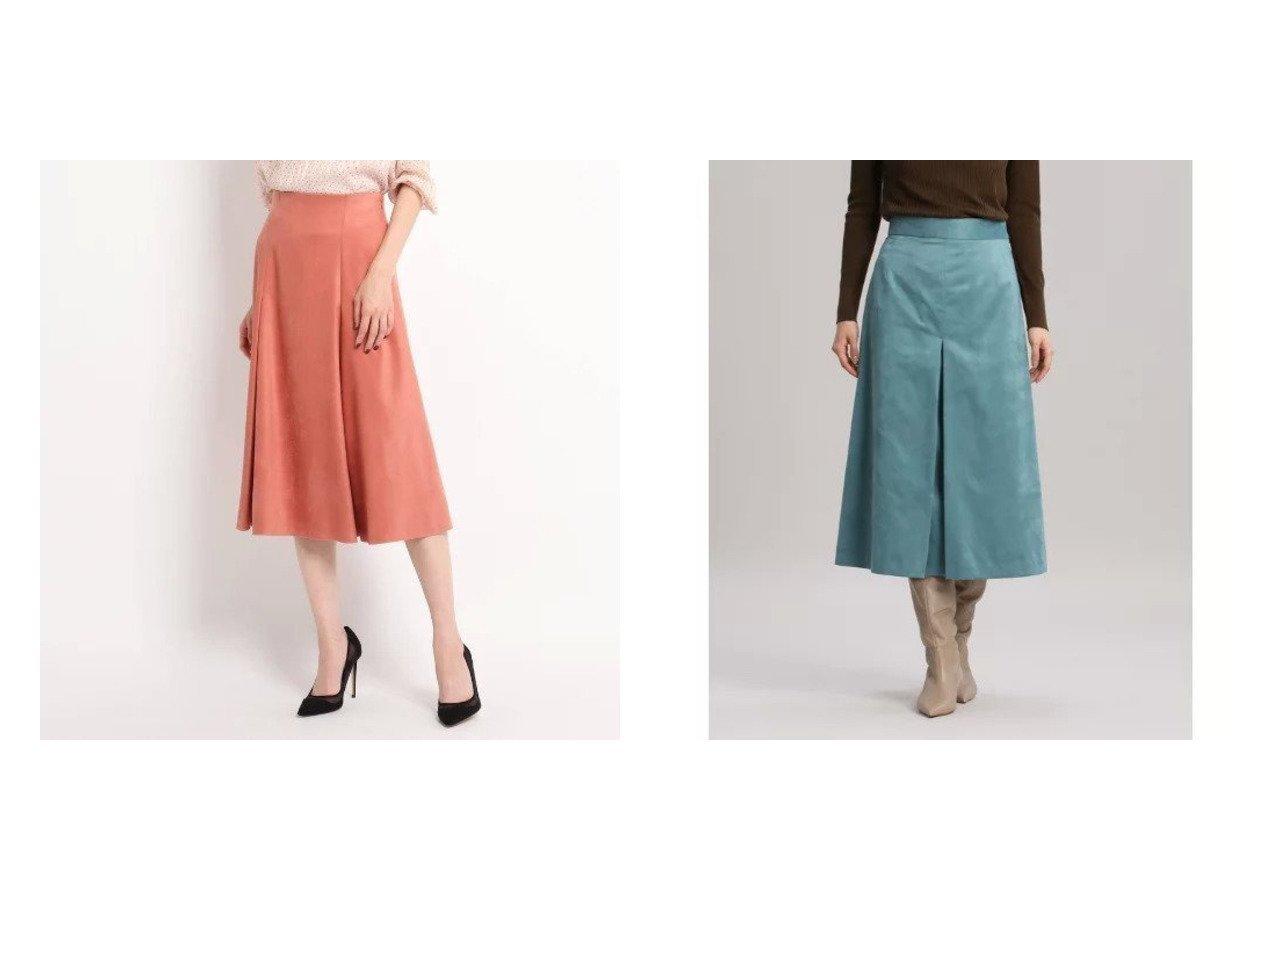 【COUP DE CHANCE/クード シャンス】のフェイクスェード フレアスカート&【INED/イネド】のフェイクスエードボックススカート《KOMASUEDE》 【スカート】おすすめ!人気、トレンド・レディースファッションの通販 おすすめで人気の流行・トレンド、ファッションの通販商品 インテリア・家具・メンズファッション・キッズファッション・レディースファッション・服の通販 founy(ファニー) https://founy.com/ ファッション Fashion レディースファッション WOMEN スカート Skirt Aライン/フレアスカート Flared A-Line Skirts ジャケット スエード スーツ フレア ポケット 切替 エレガント サンダル ショート ストレッチ センター プリーツ ベーシック ボックス リアル おすすめ Recommend |ID:crp329100000066659